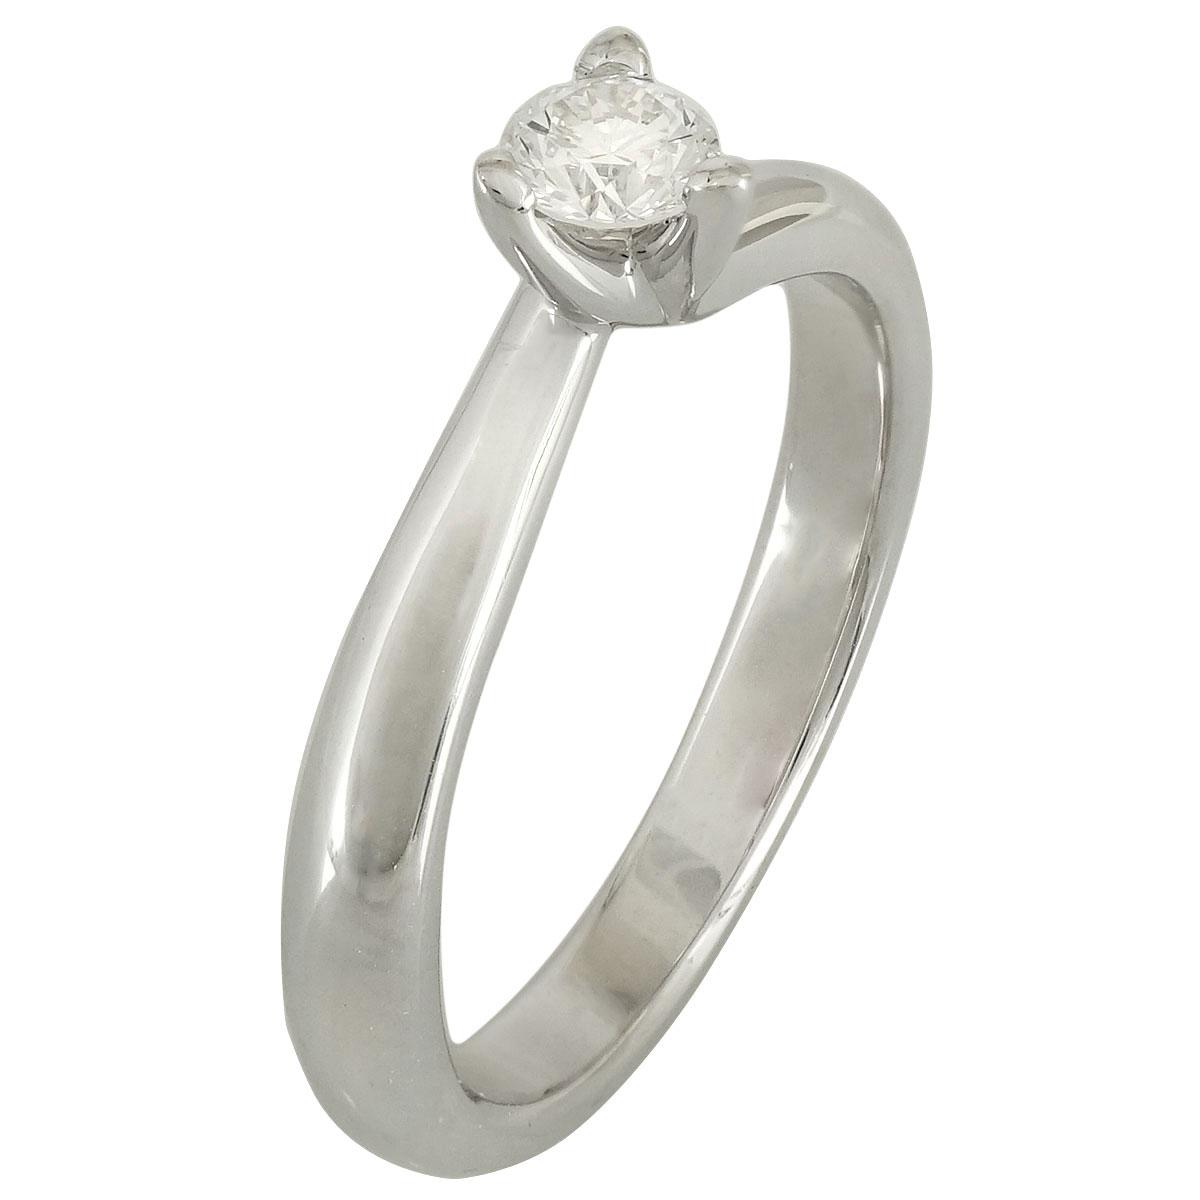 Γυναικεία Δαχτυλίδια - Σελίδα 83  5dfcc544364